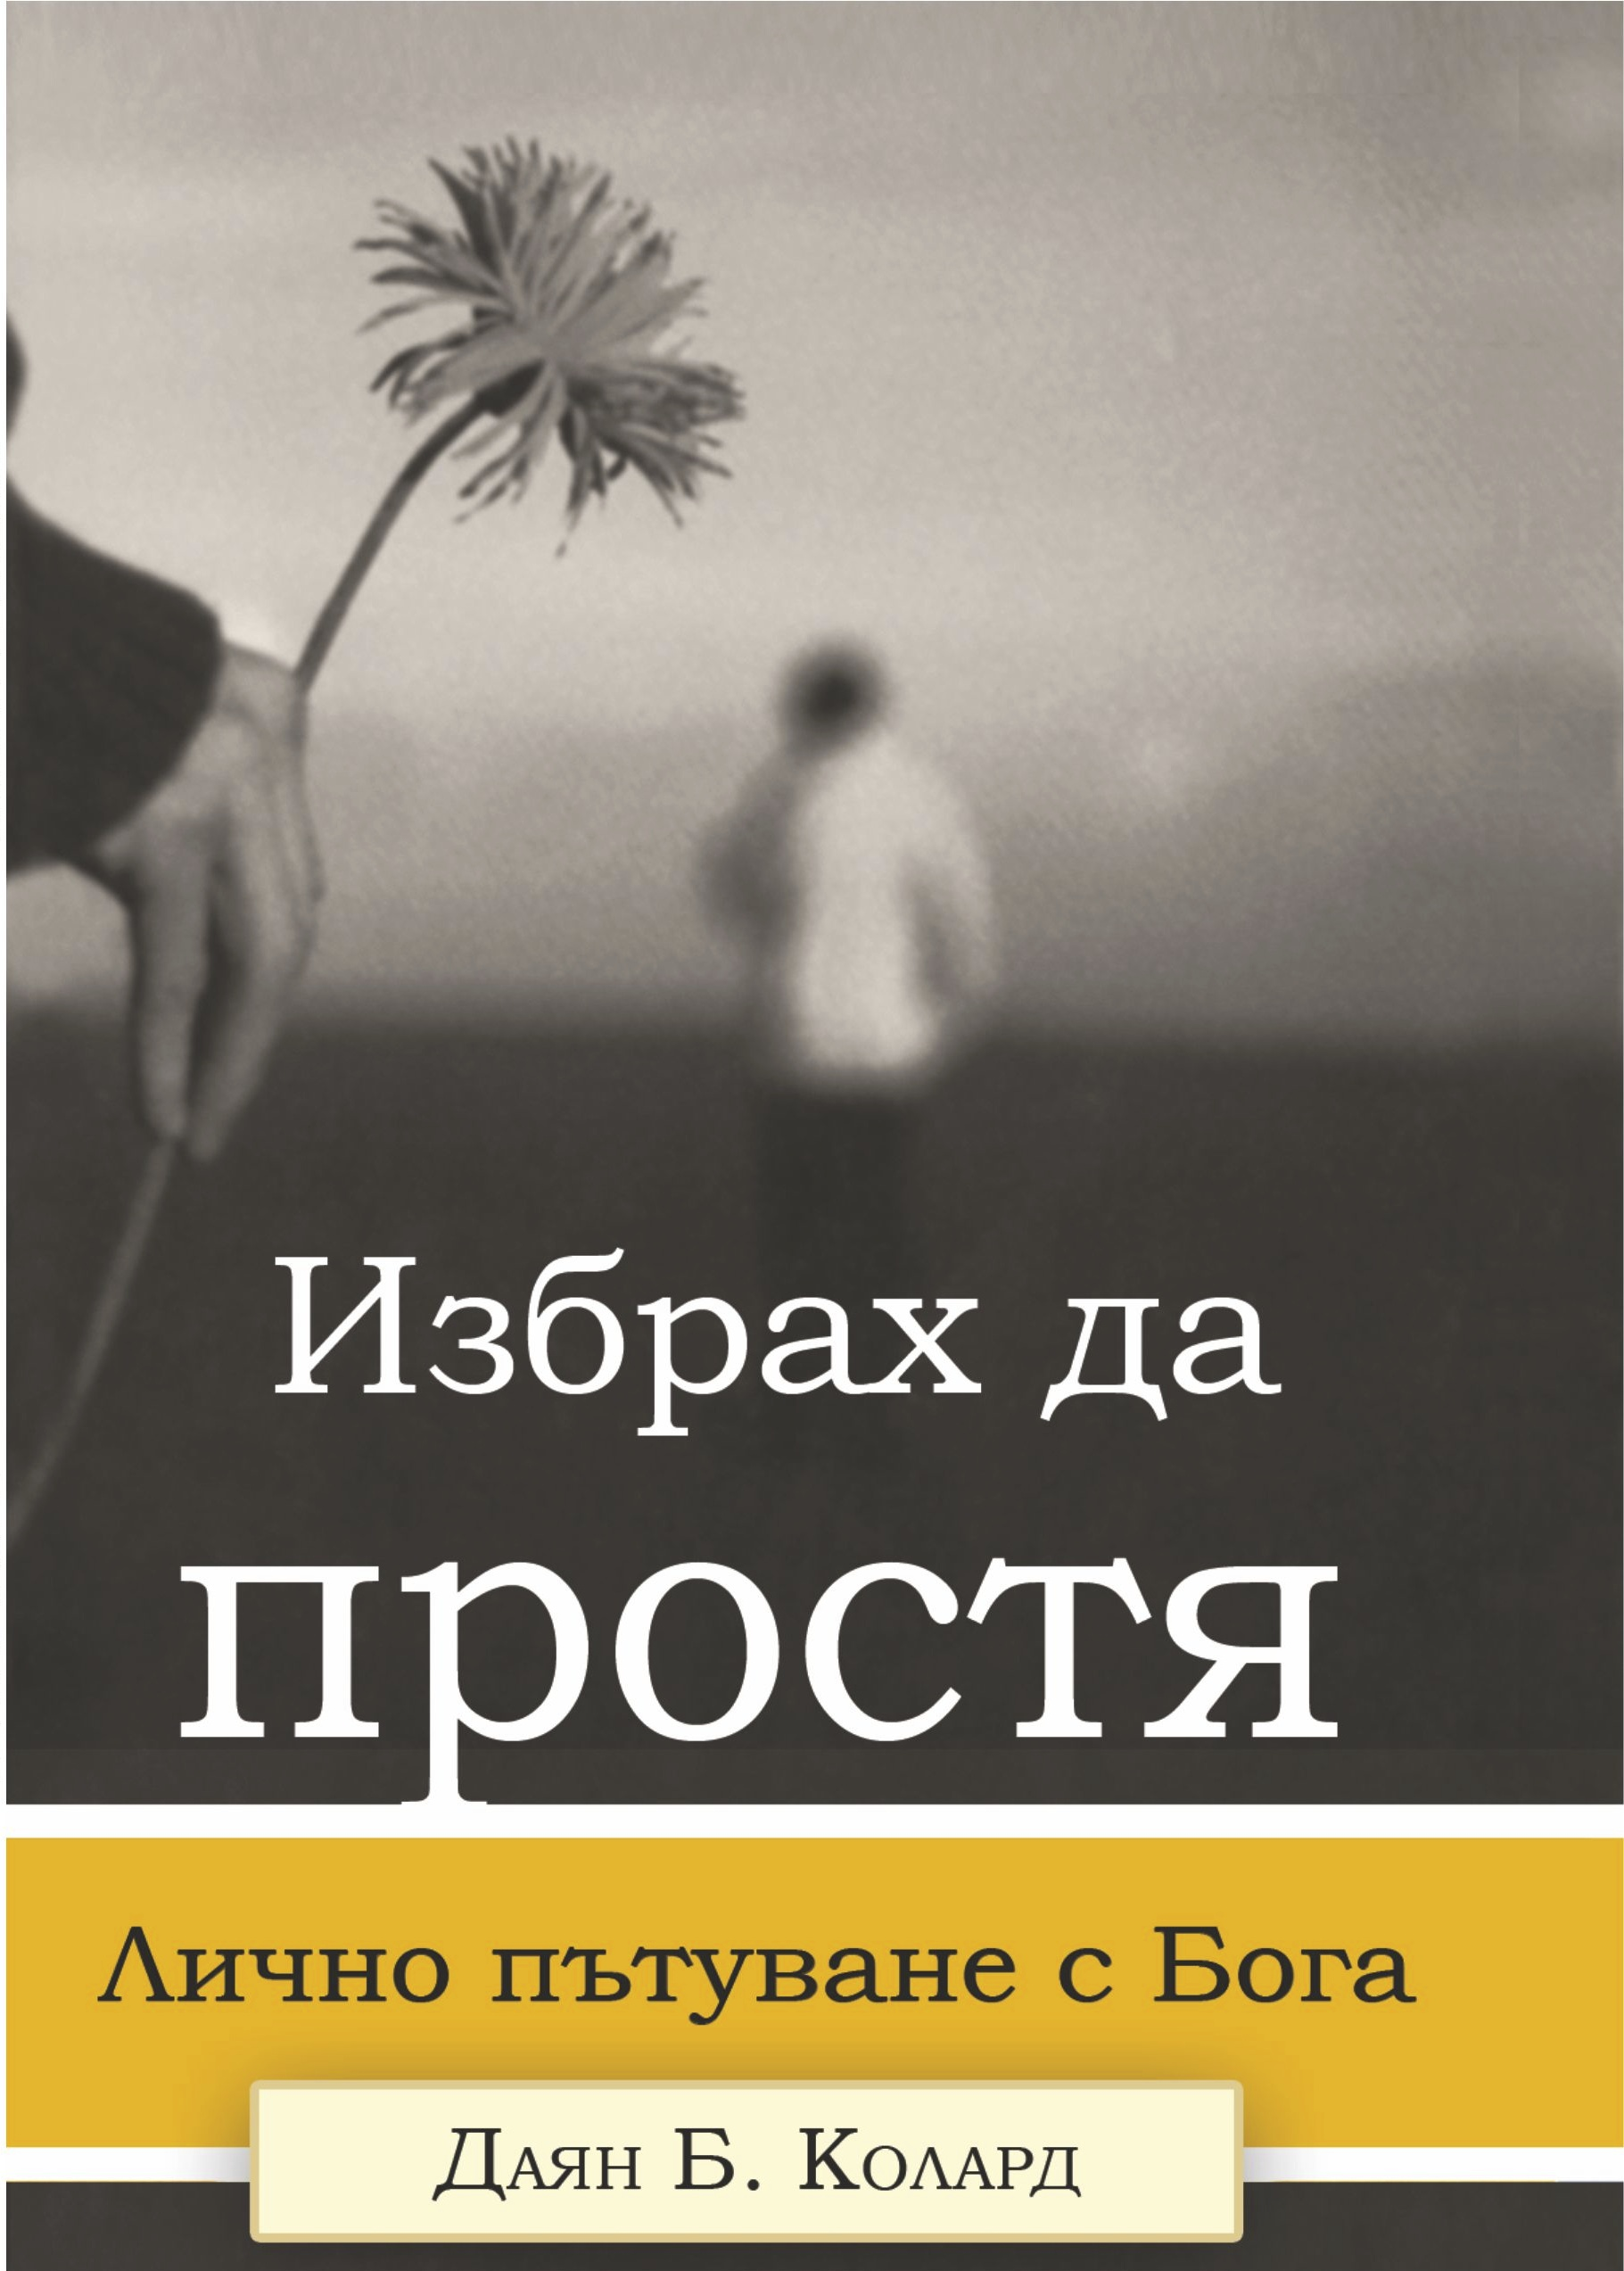 Bulgarian: New Man Publishing